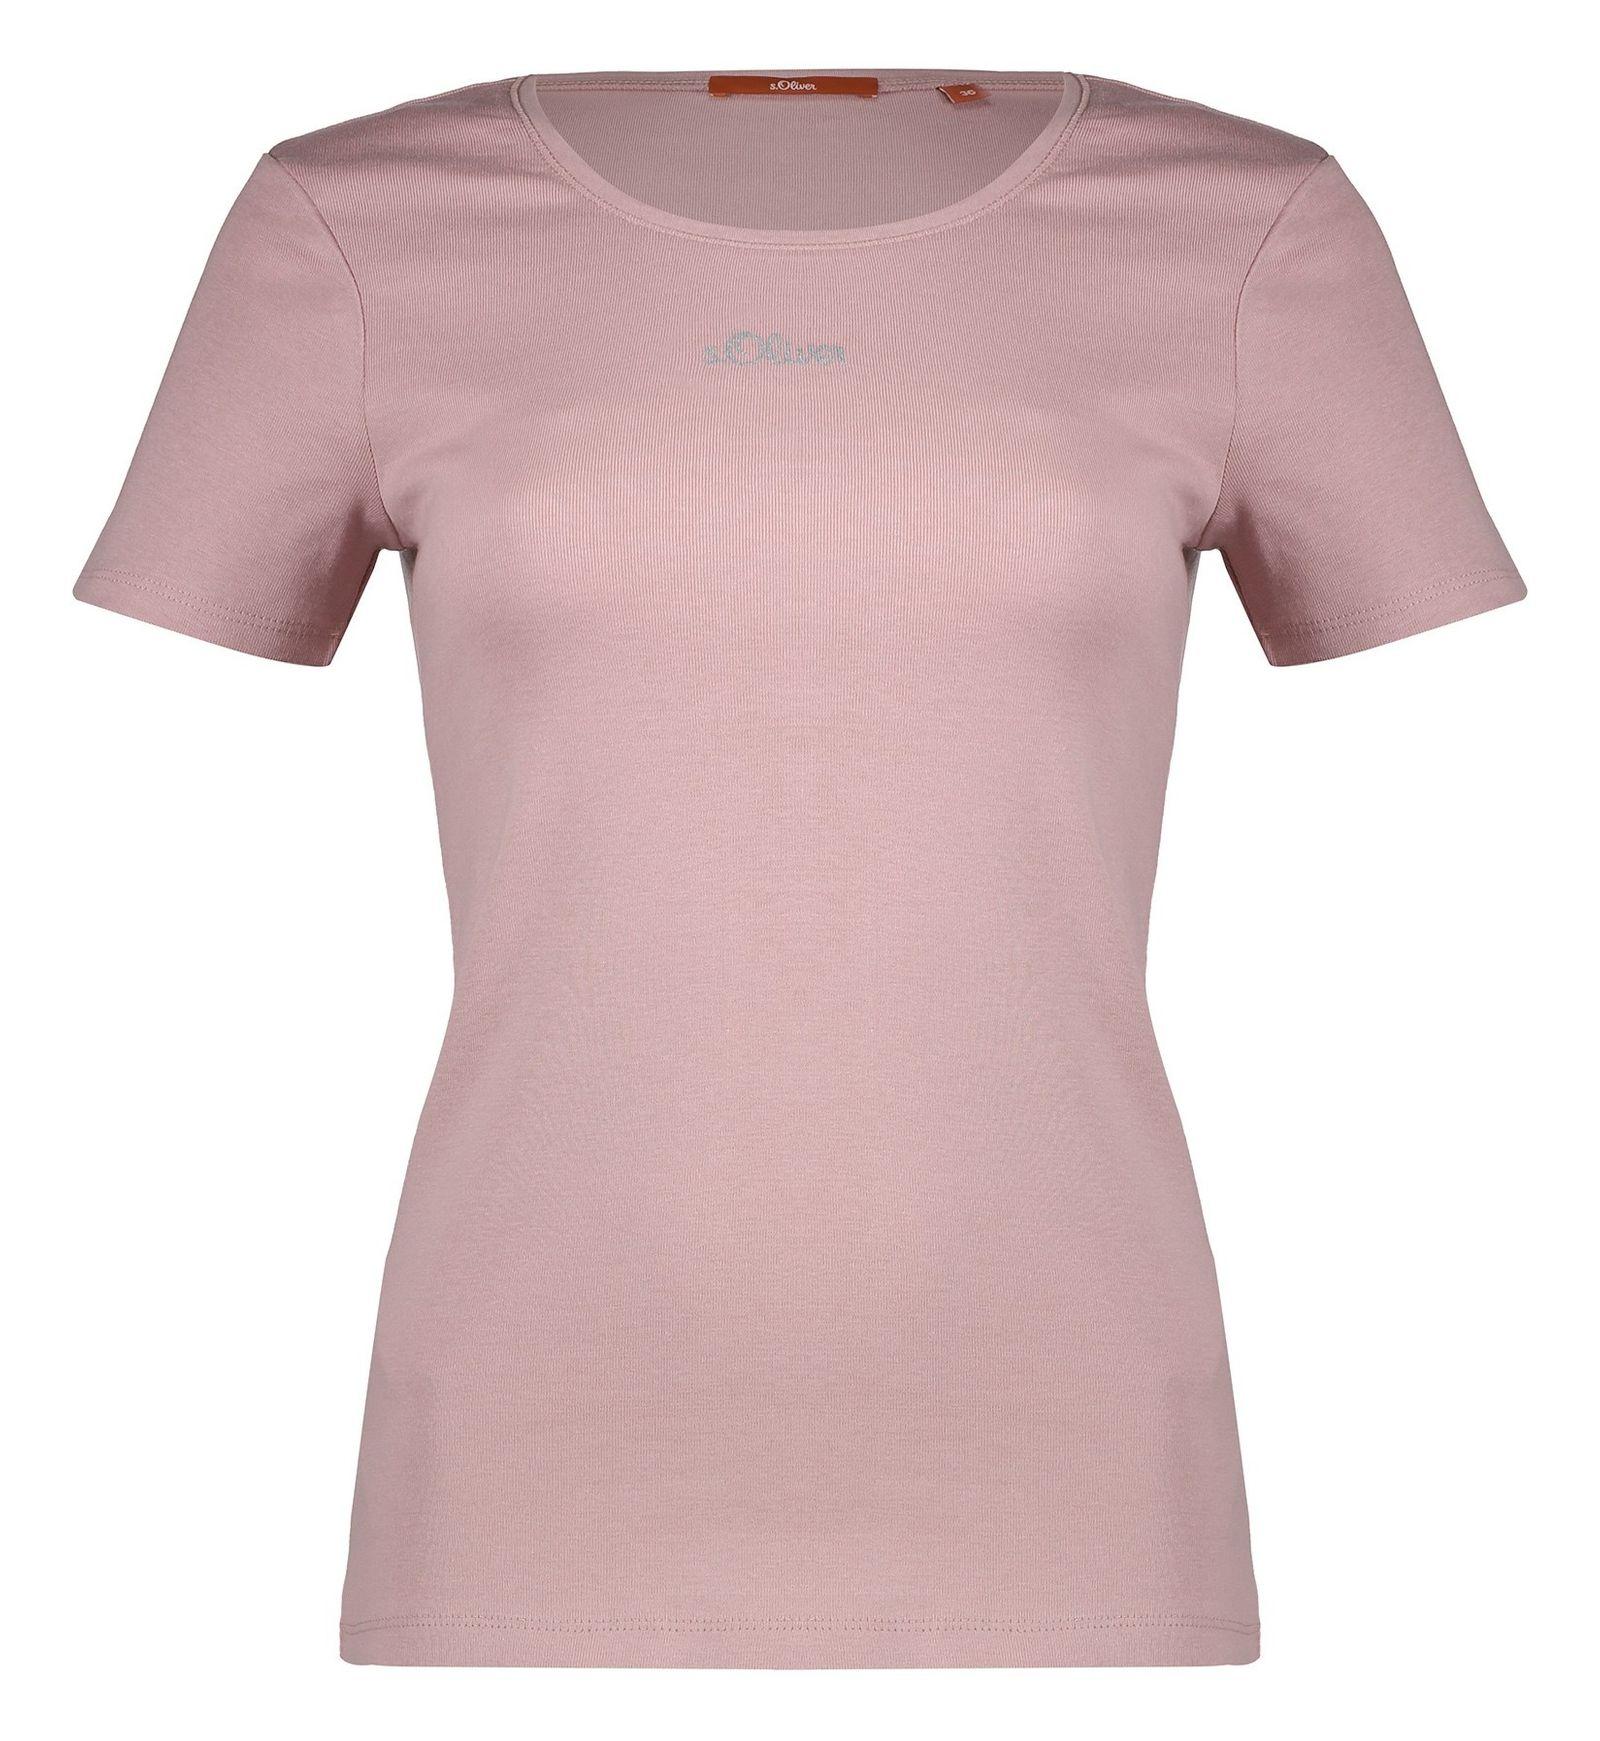 تی شرت نخی یقه گرد زنانه - اس.اولیور - رز گلد - 2